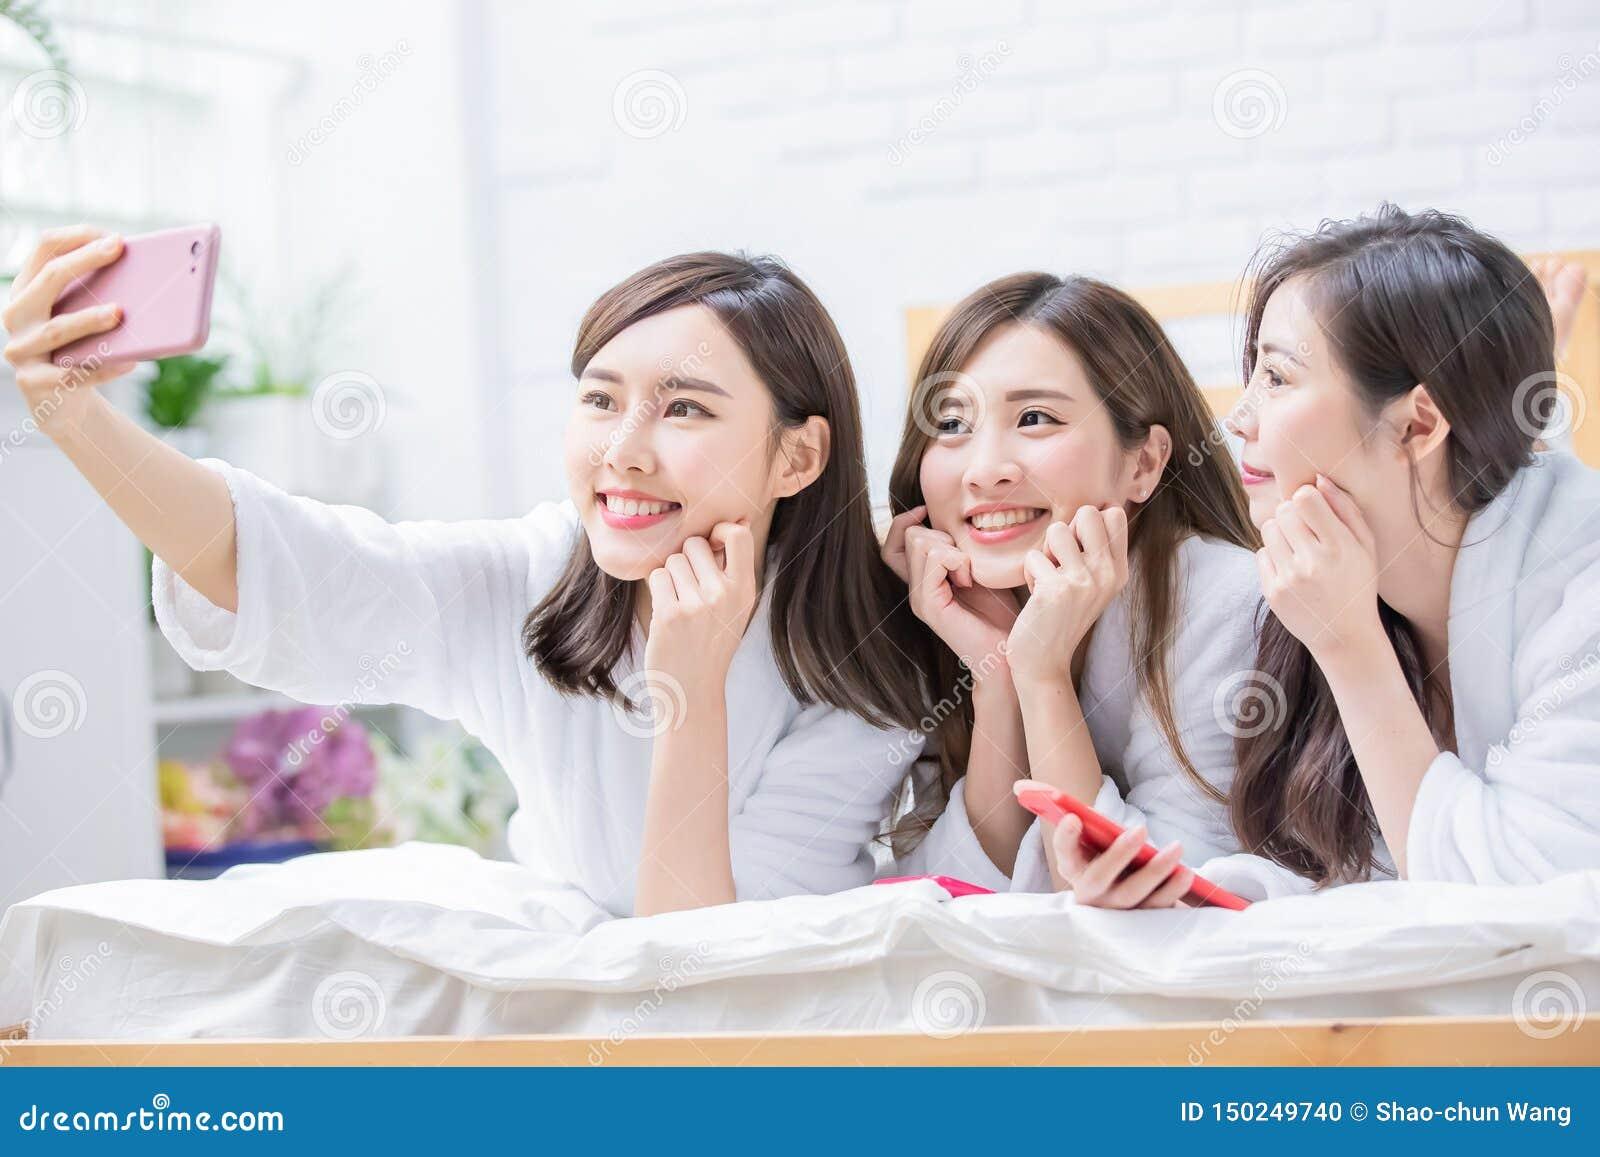 Asian women friend take selfie